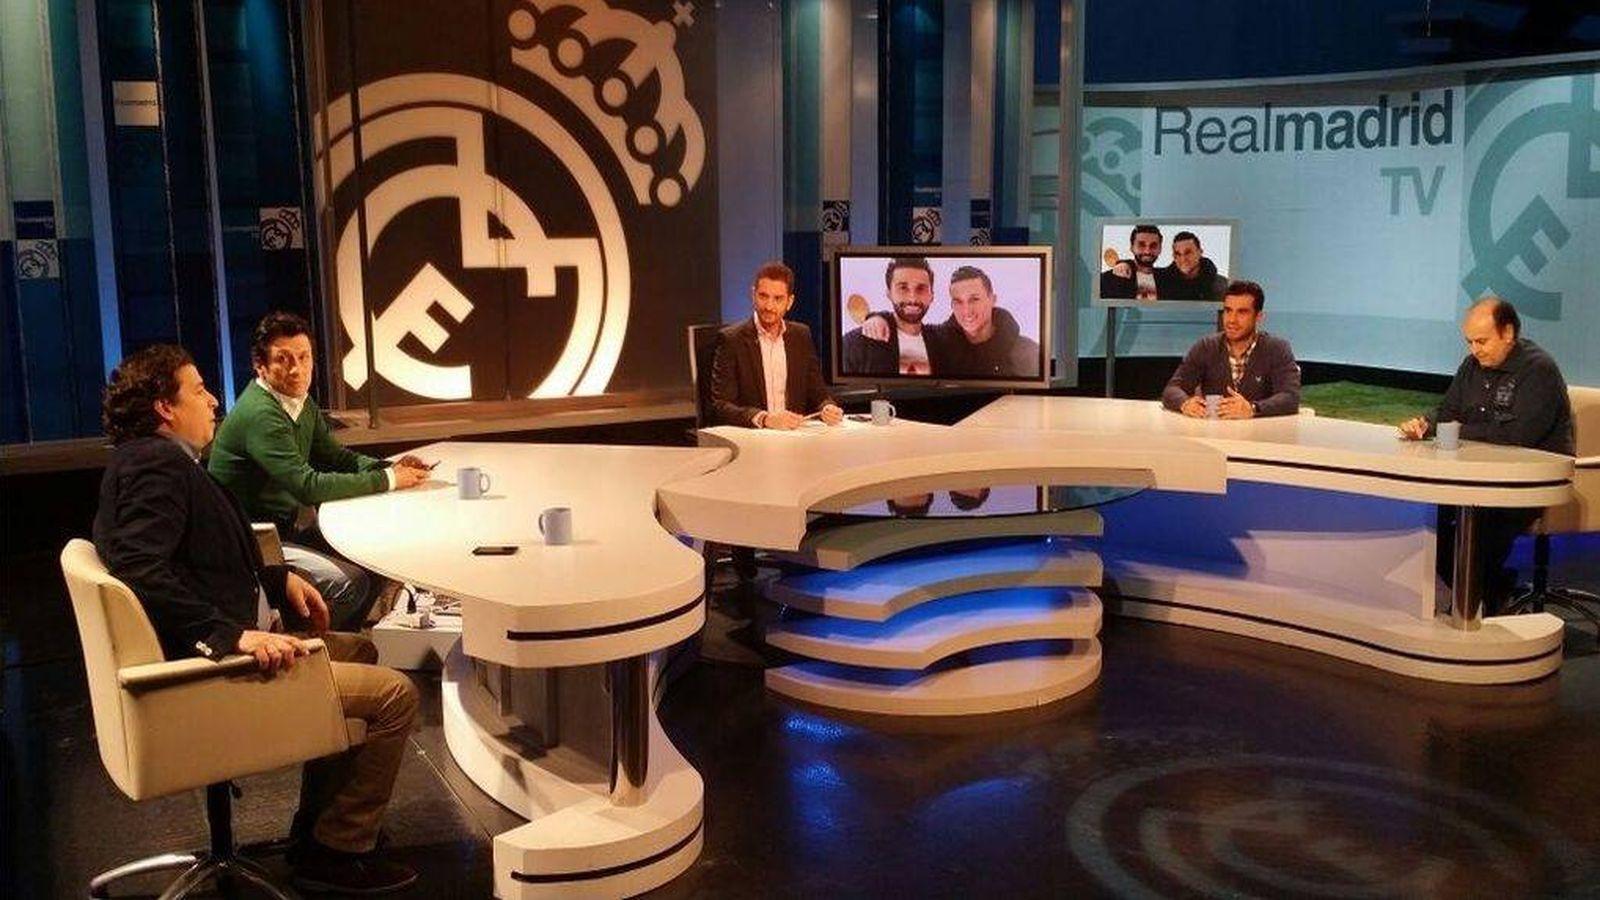 Real madrid los sindicatos reconocen un posible mobbing for Real madrid tv